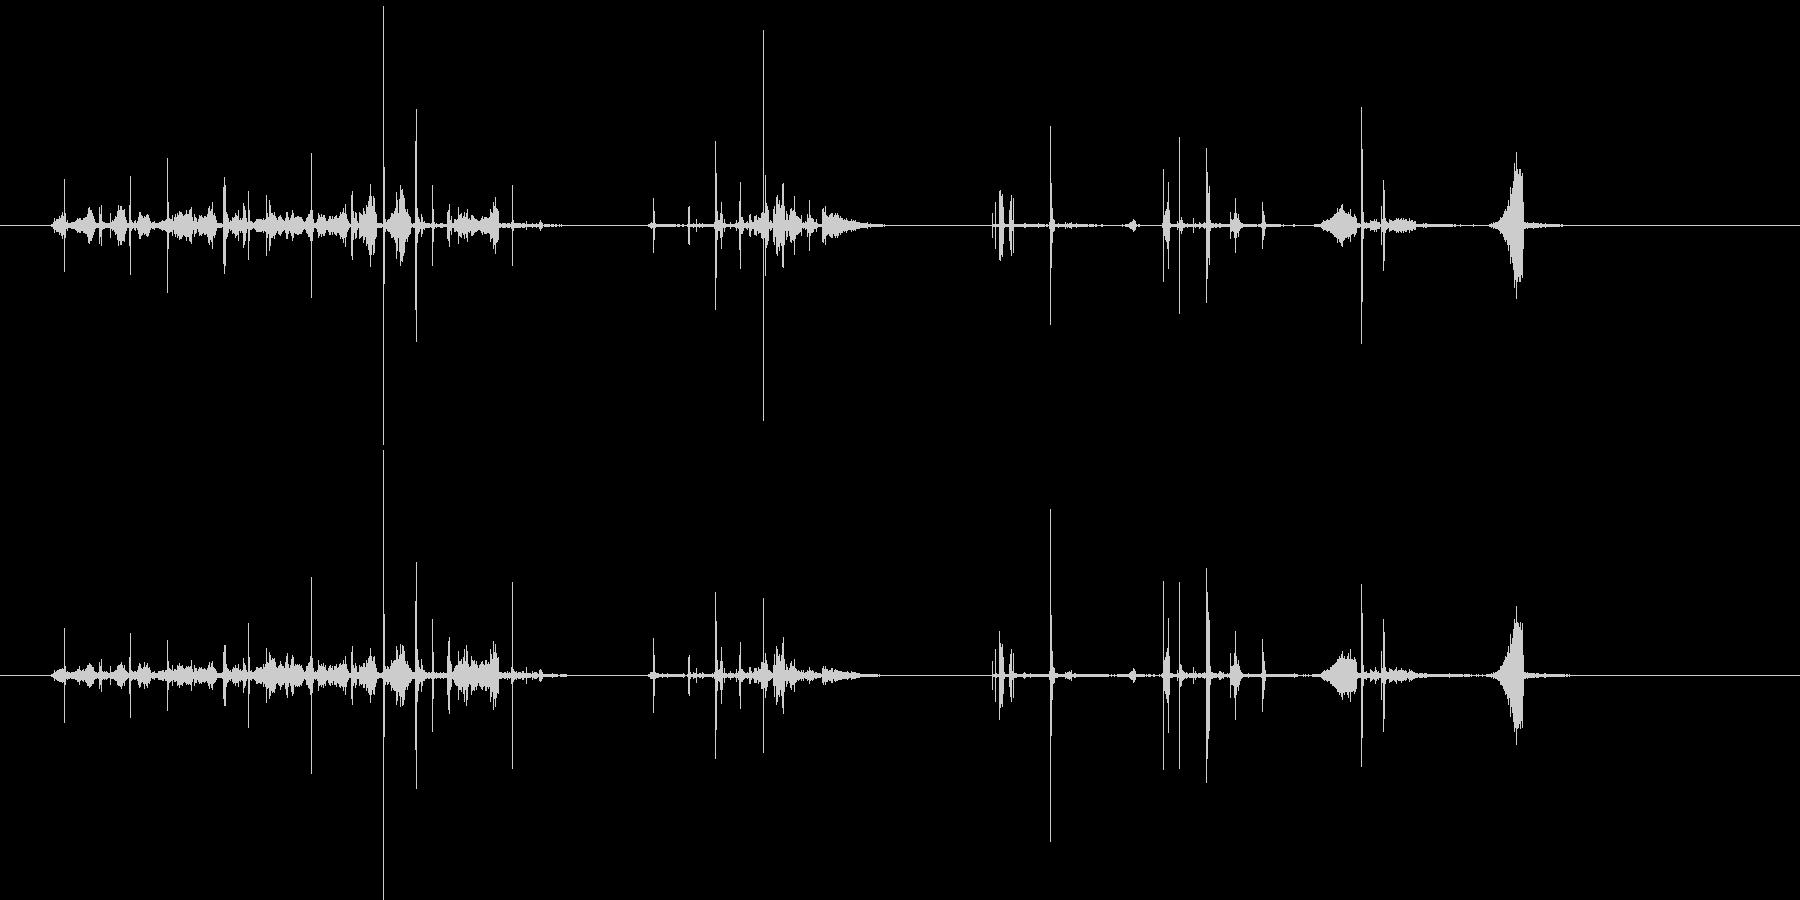 ホッケー:シングルスケーター:ラン...の未再生の波形